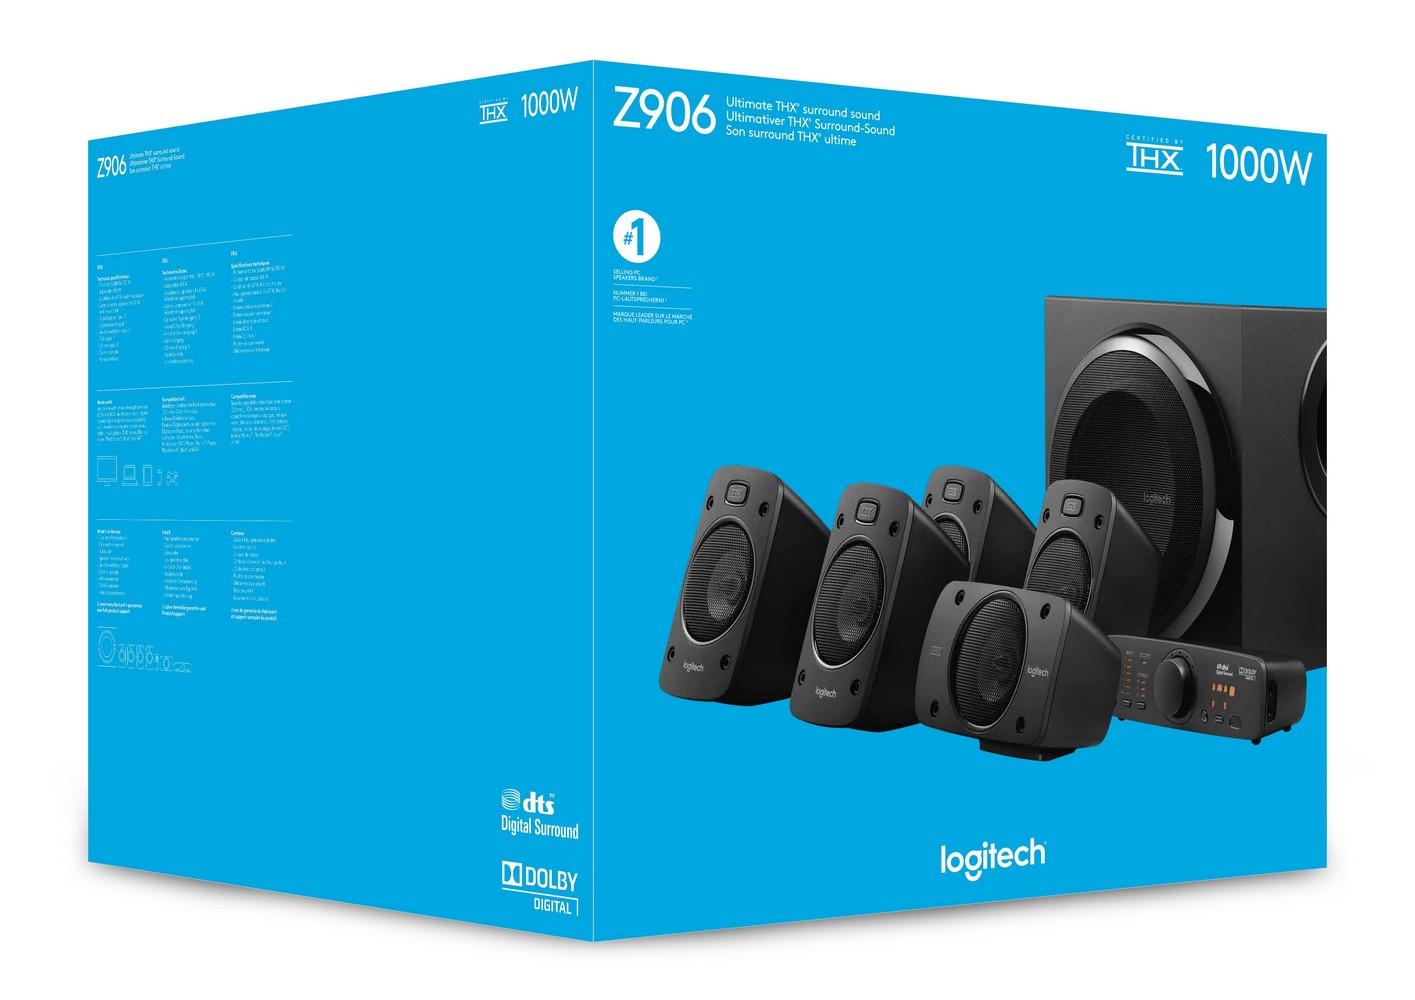 PARLANTES LOGITECH Z906 5.1